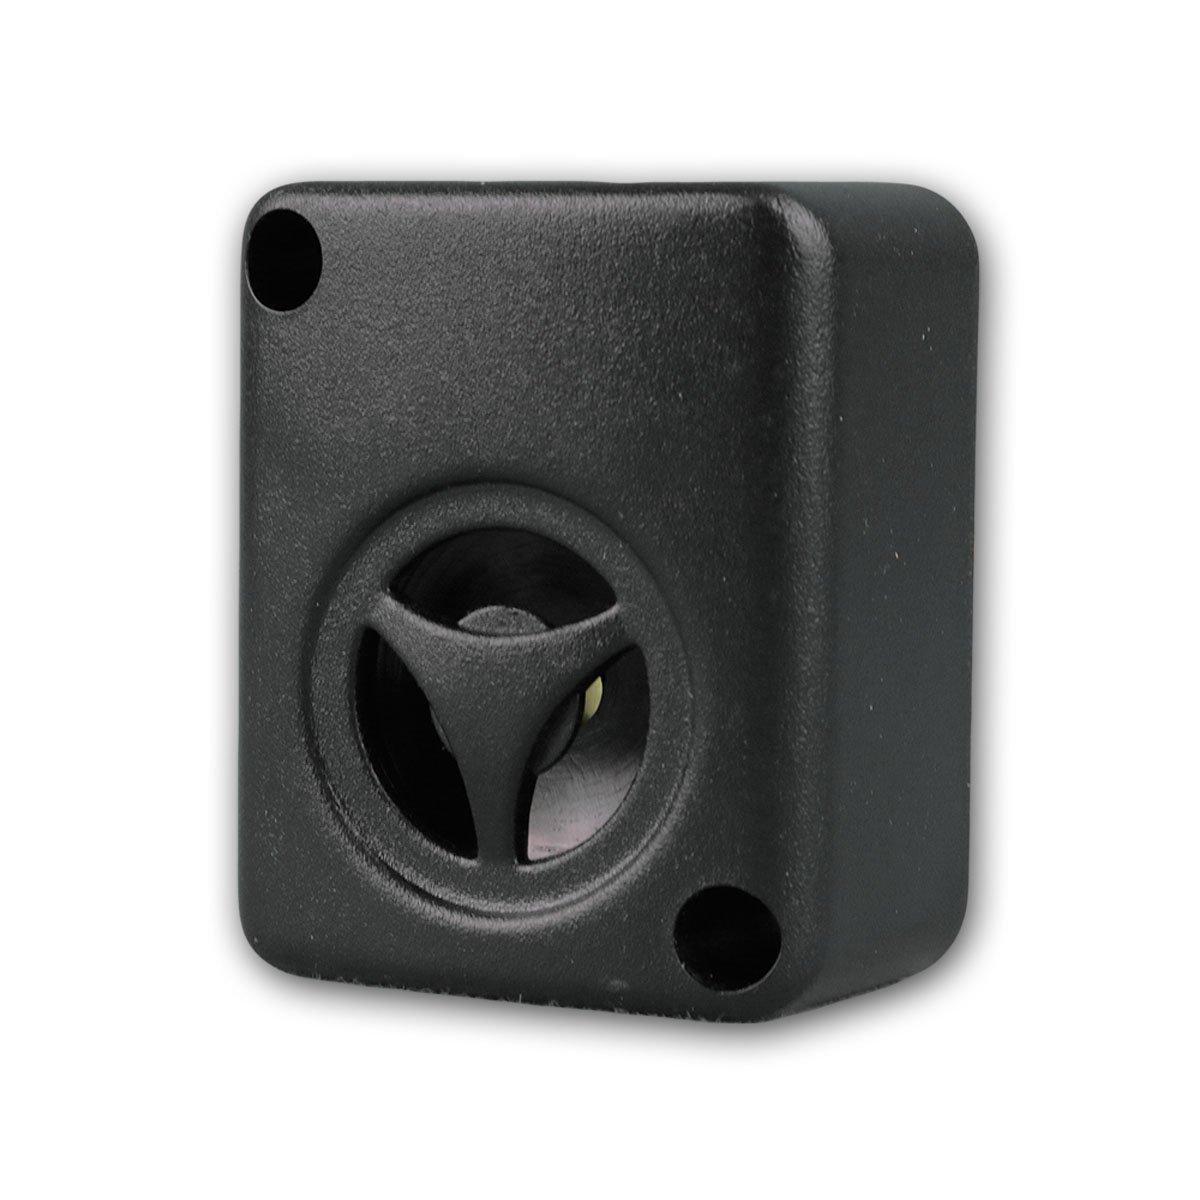 Sirena piezo alarma de alerta de detección de mini emisor de señales de alrededor de 102 db